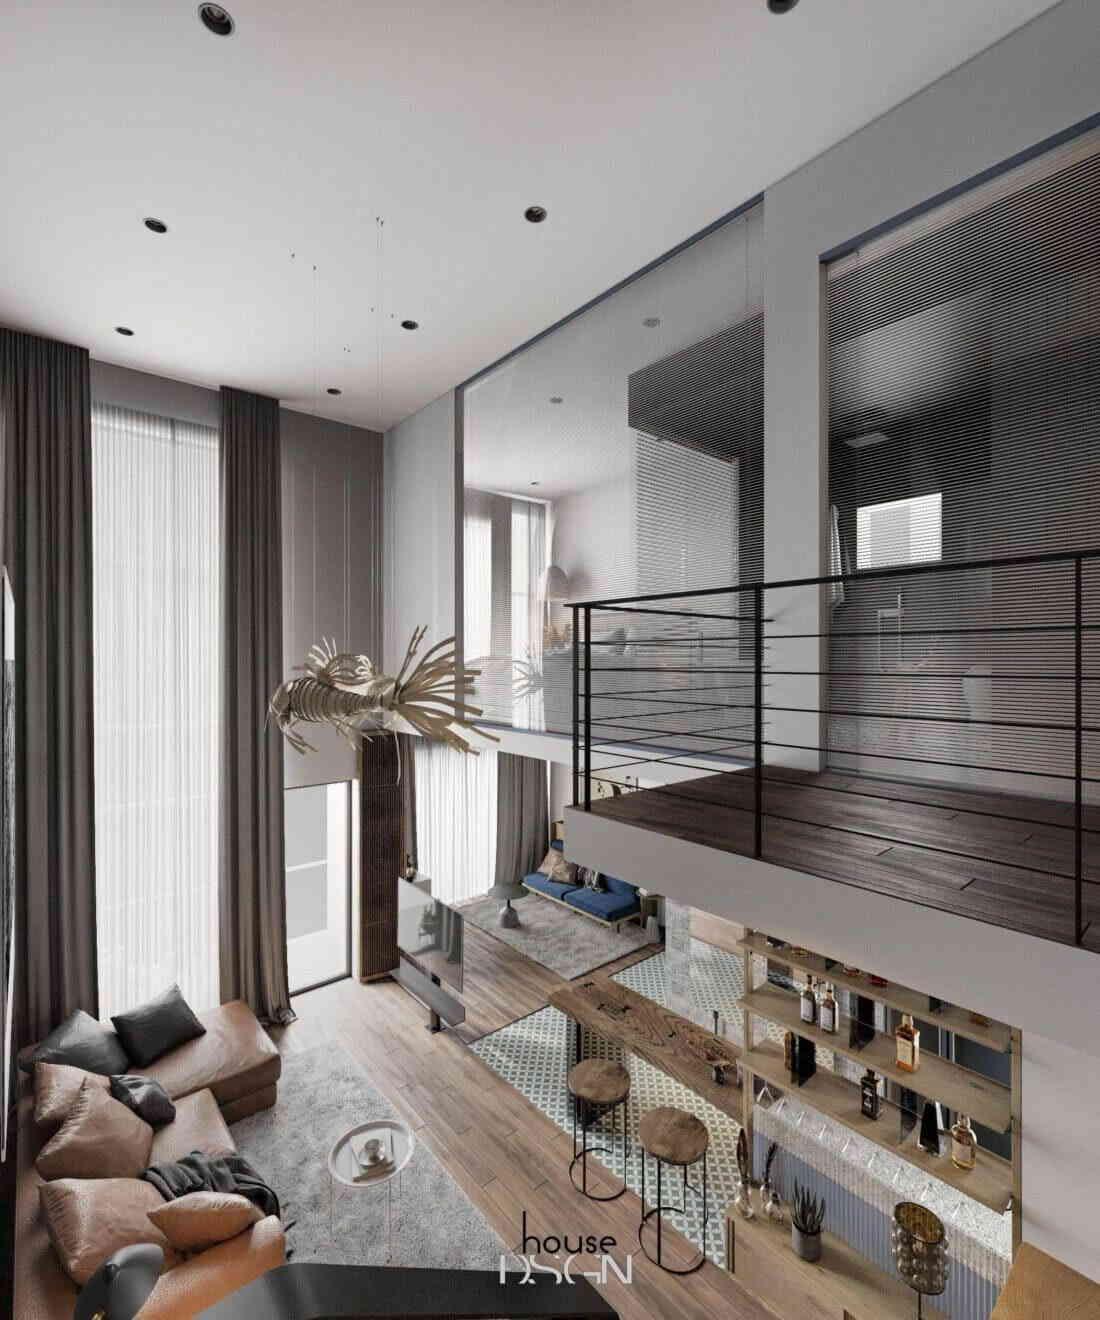 mẫu căn hộ chung cư 2 phòng ngủ đơn giản nhưng sang trọng